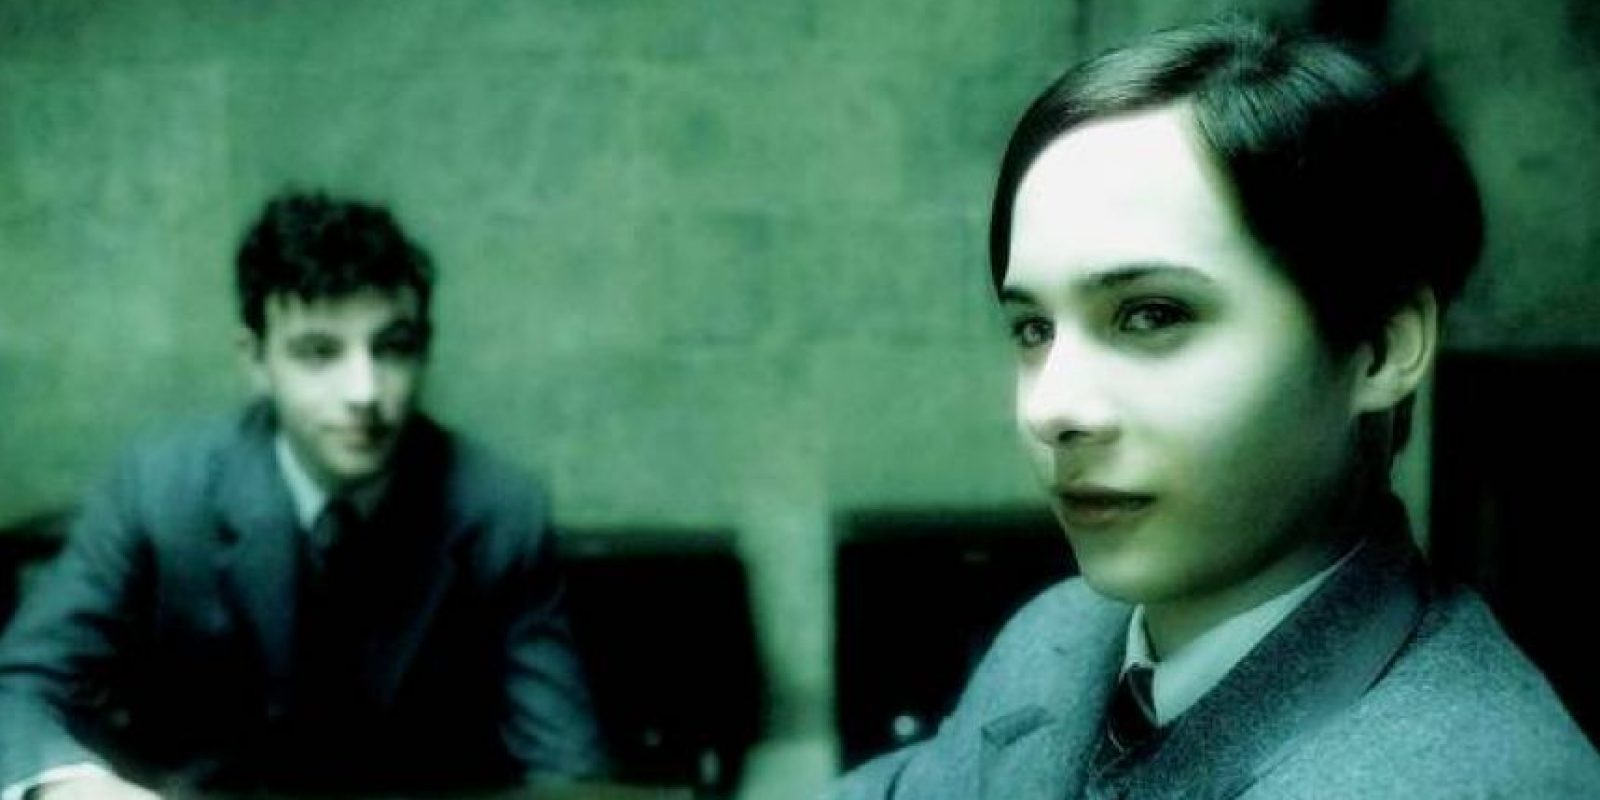 """Interpretó al joven """"Tom Riddle"""", quien se convertiría en """"Lord Voldemort"""". Foto:YouTube"""